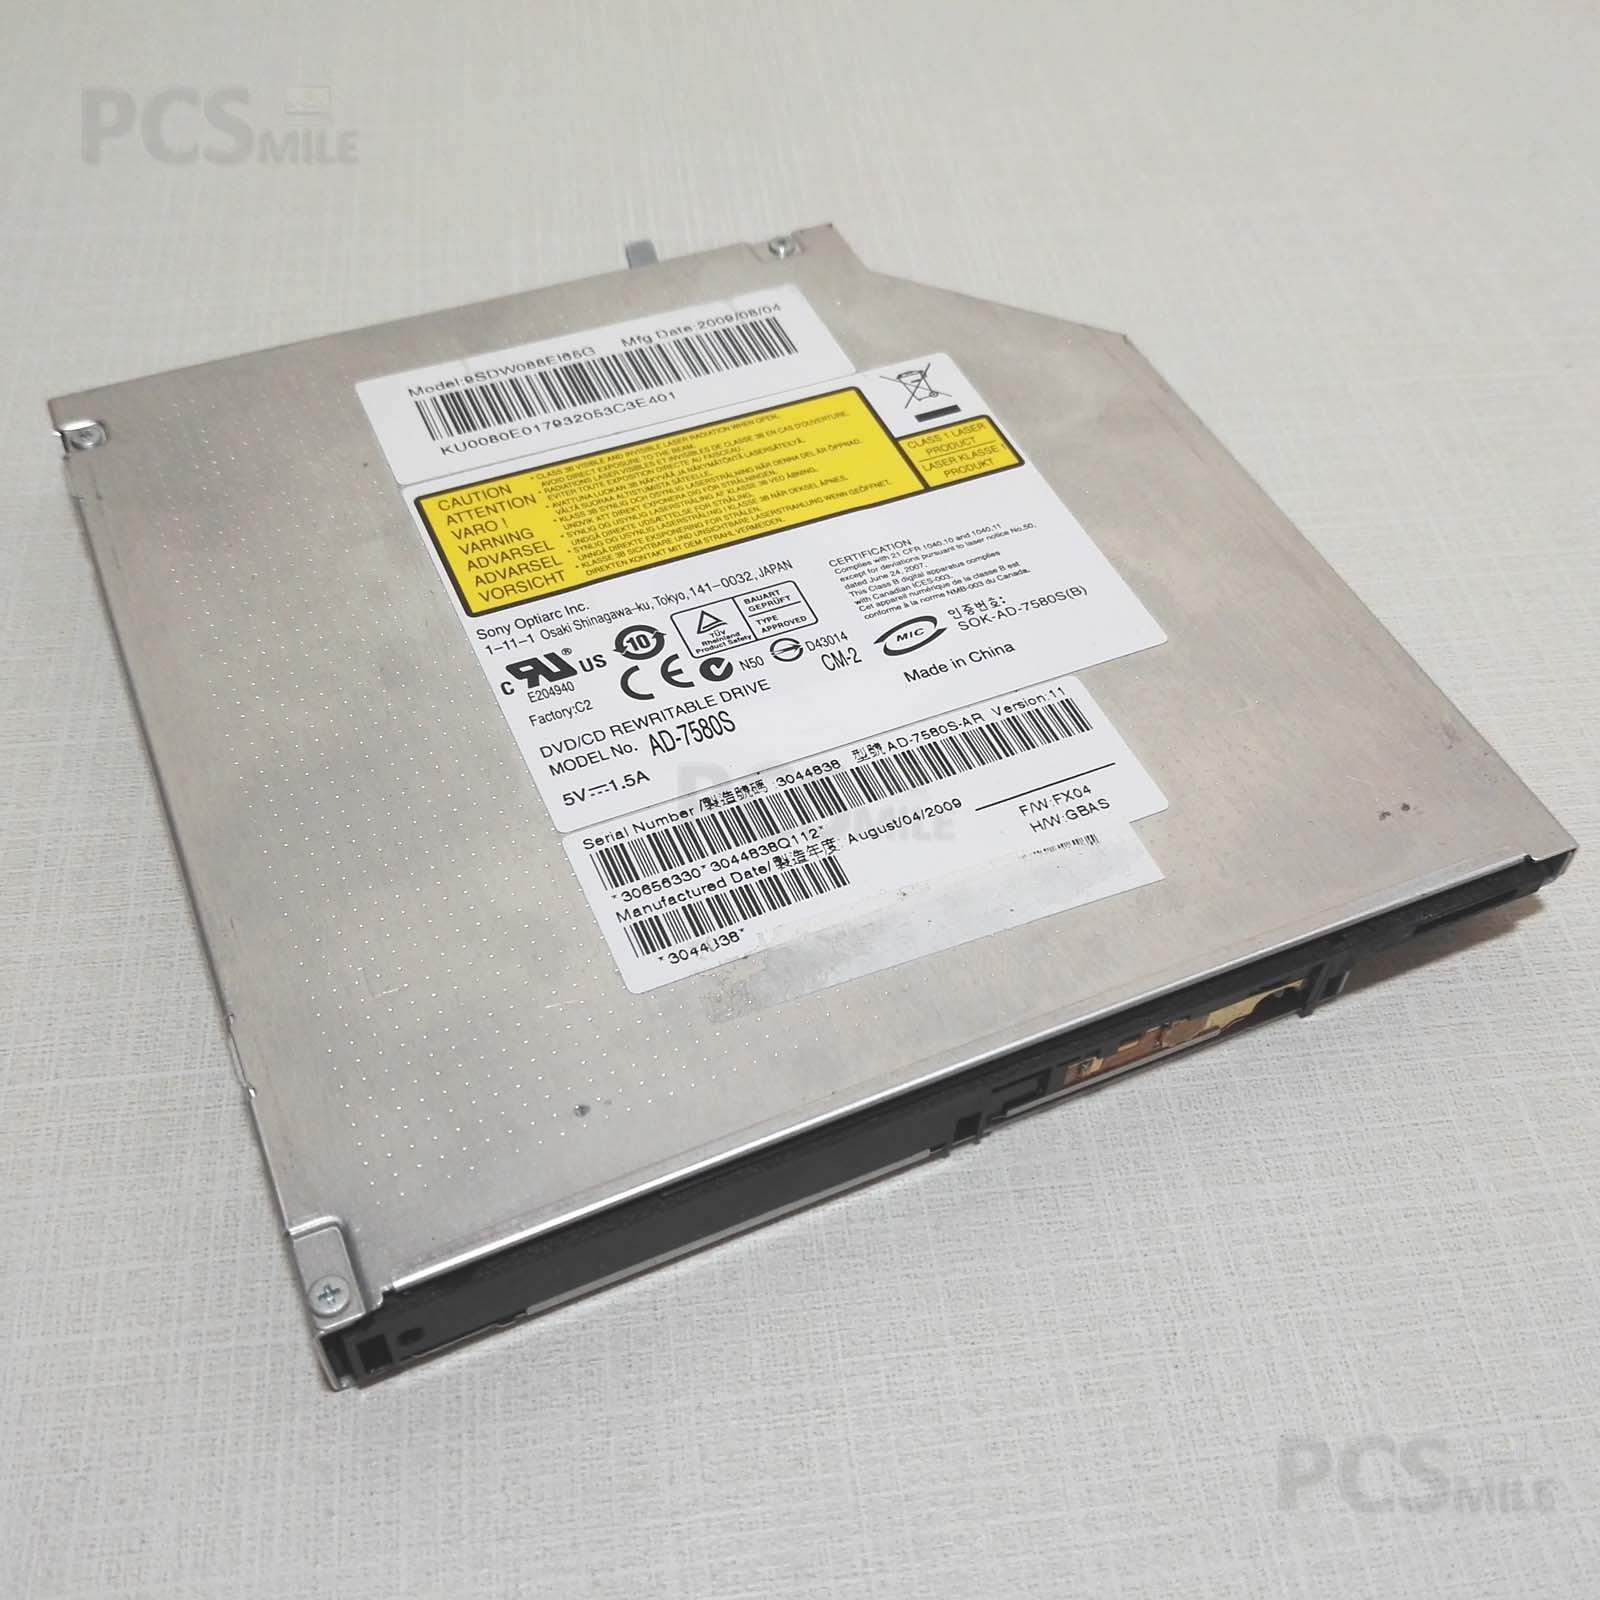 Lettore CD DVD KU0080E017932053C3E401 AD-7580S HP G62 serie e altri notebook